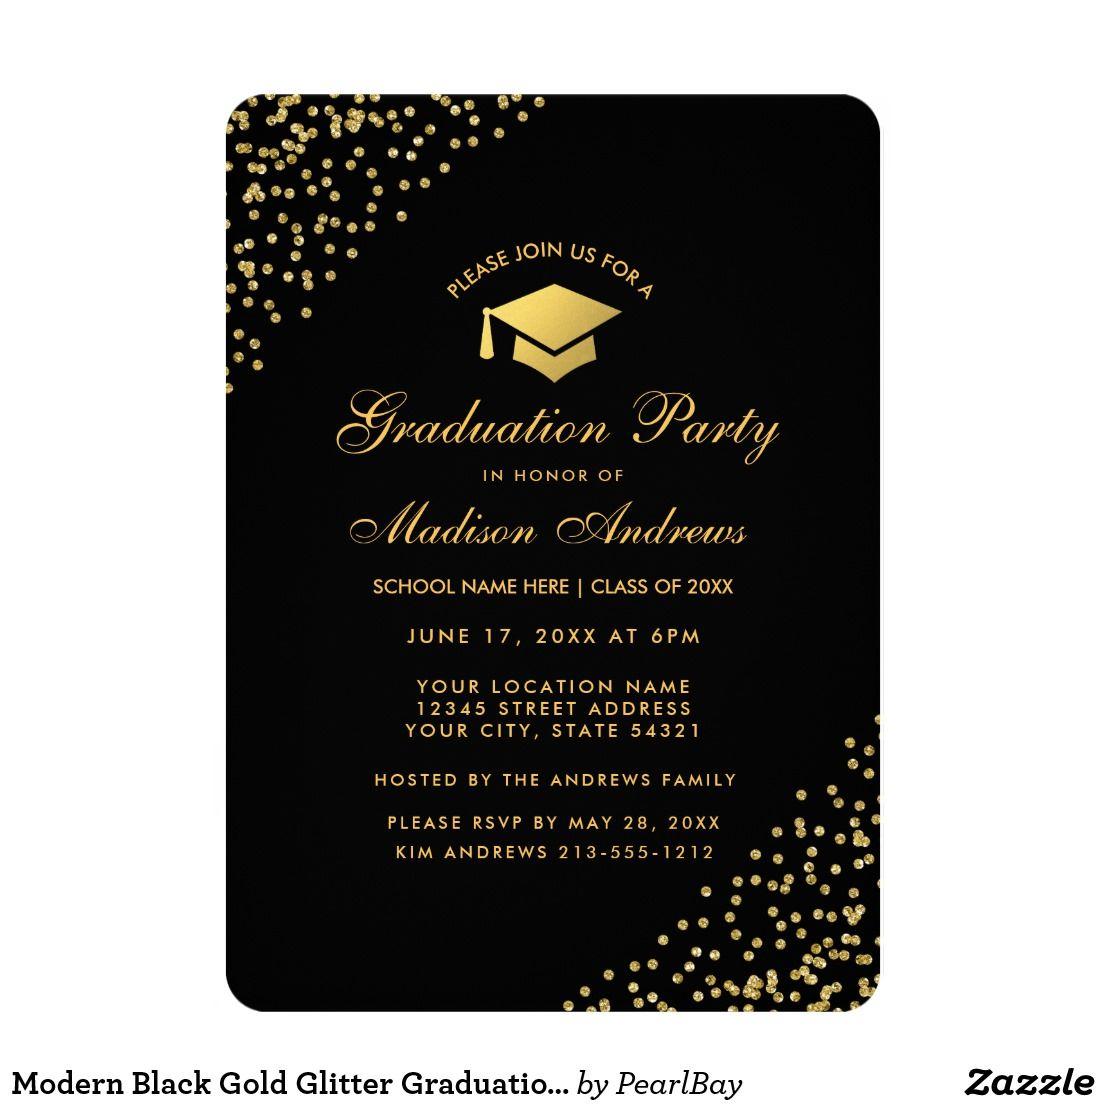 modern black gold glitter graduation party invite in 2018